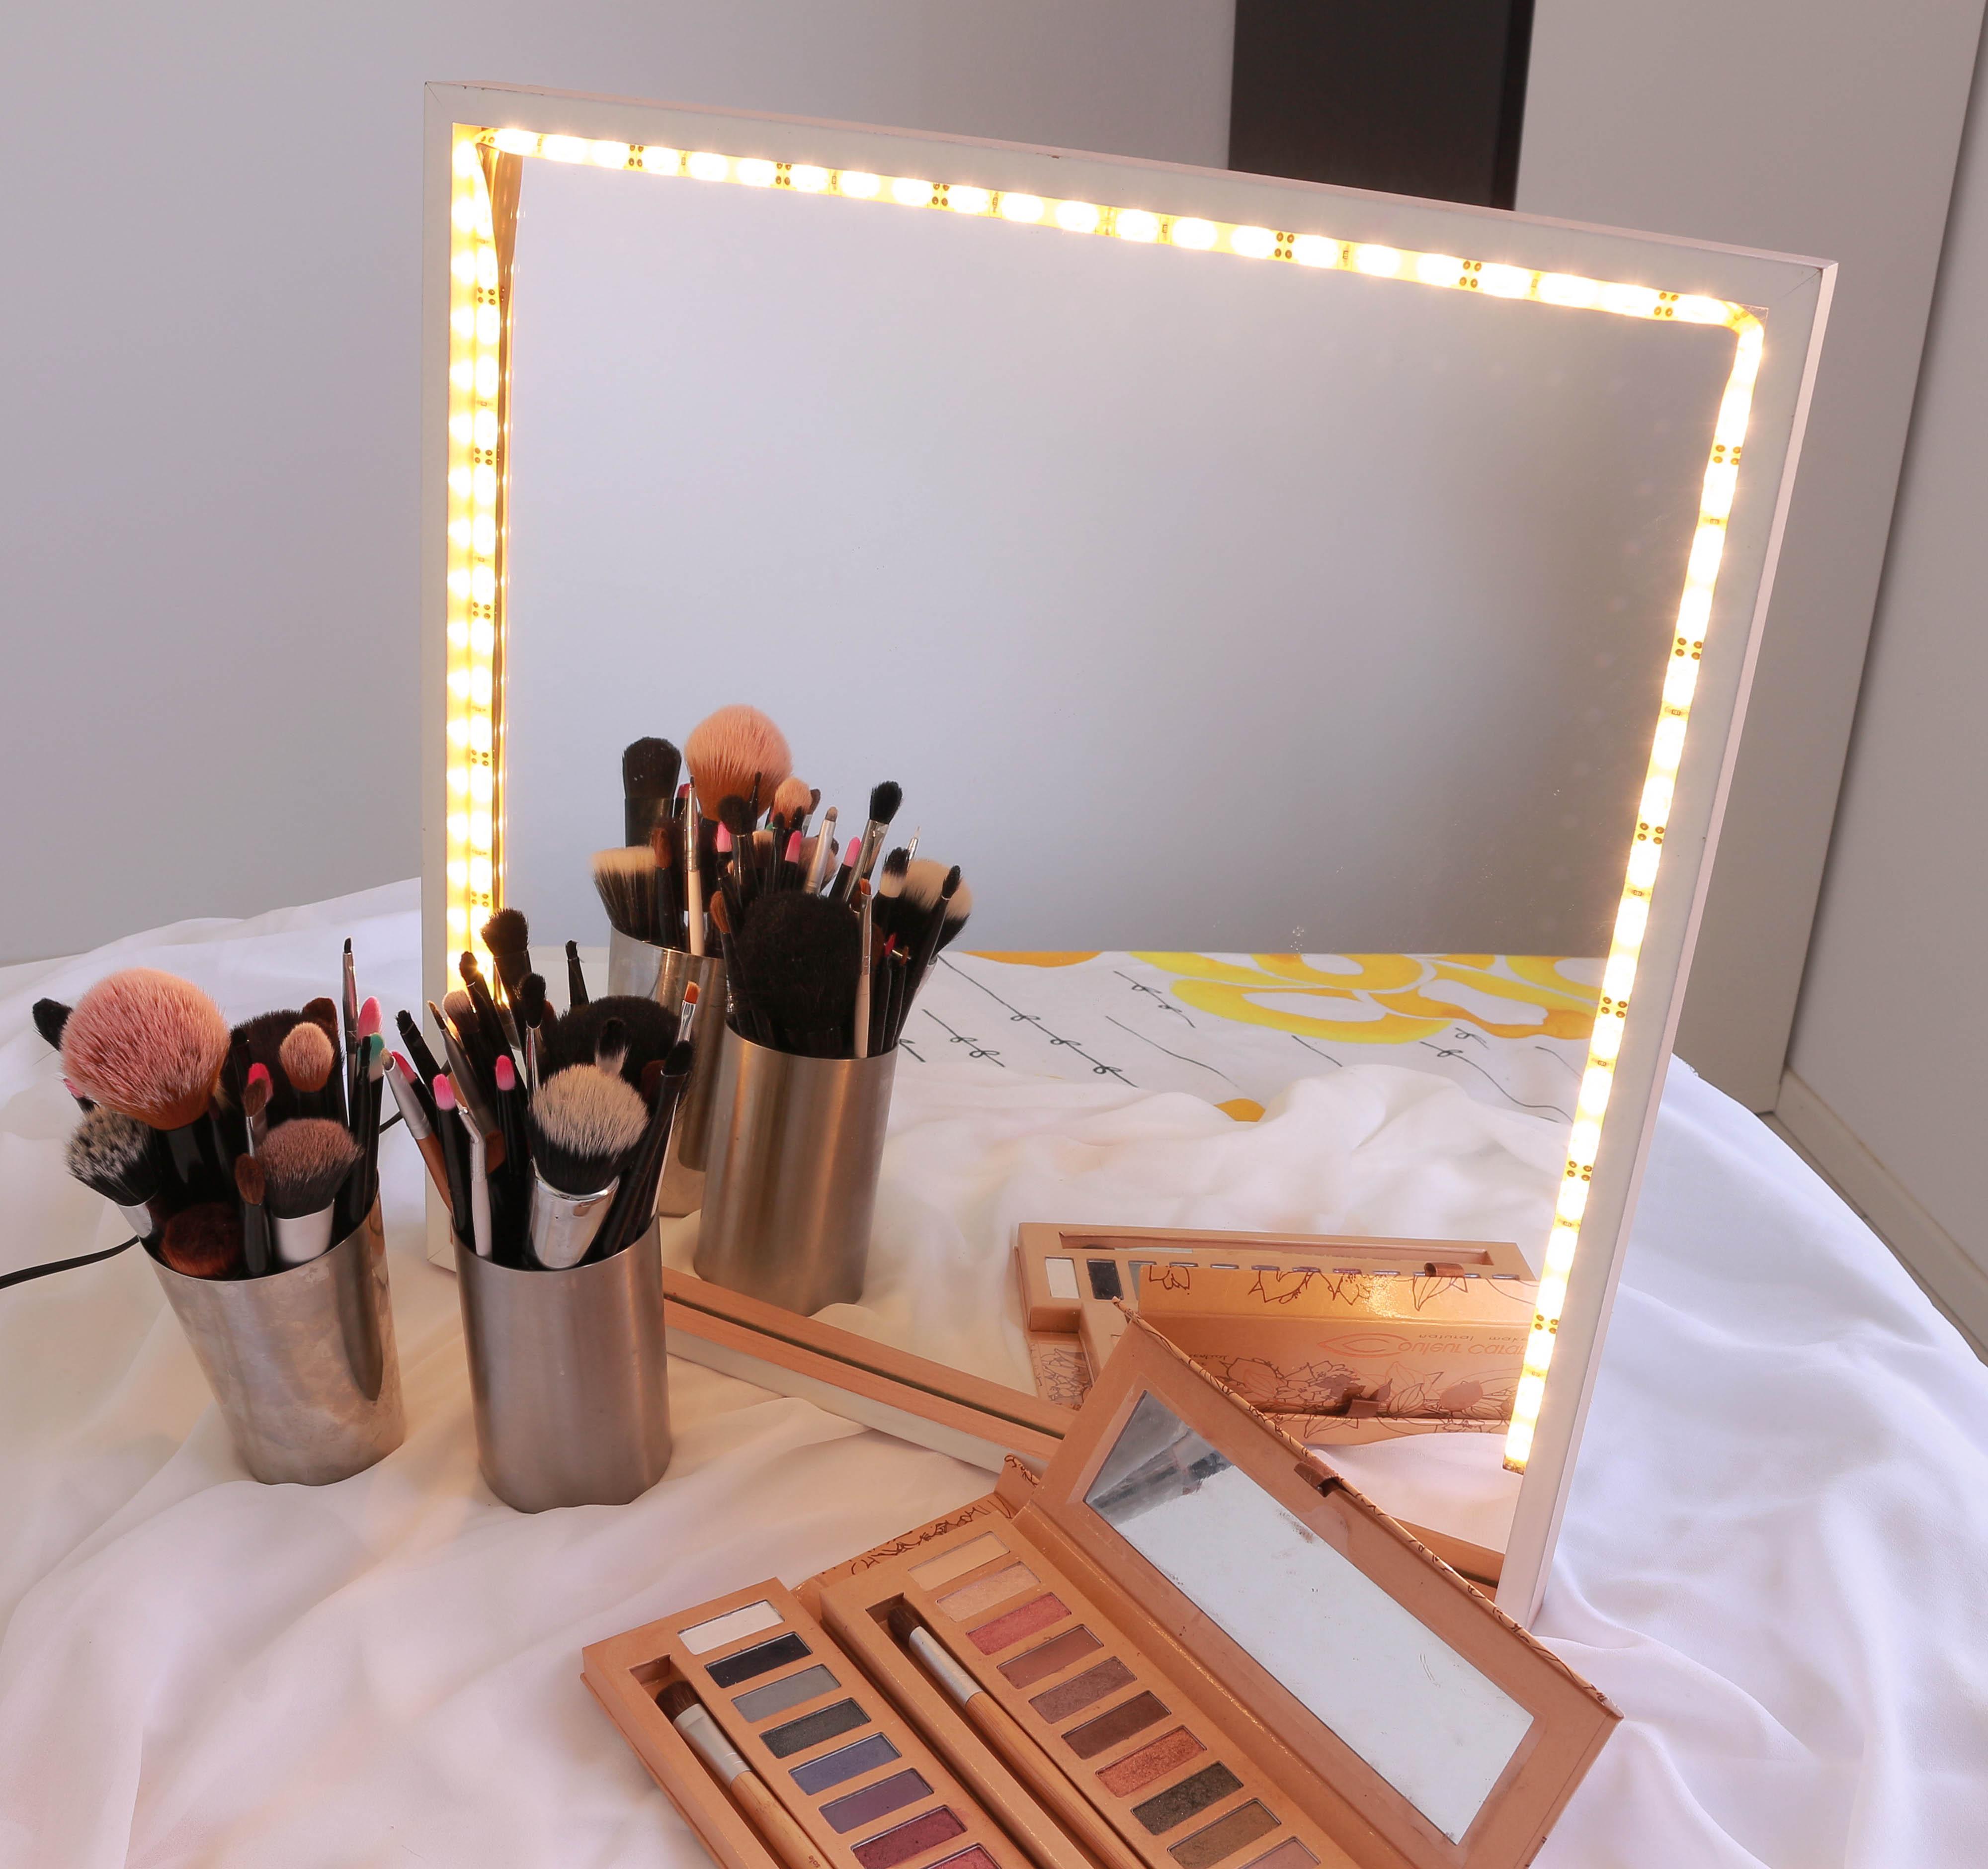 Come realizzare uno specchio luminoso portatile spendendo pochissimo